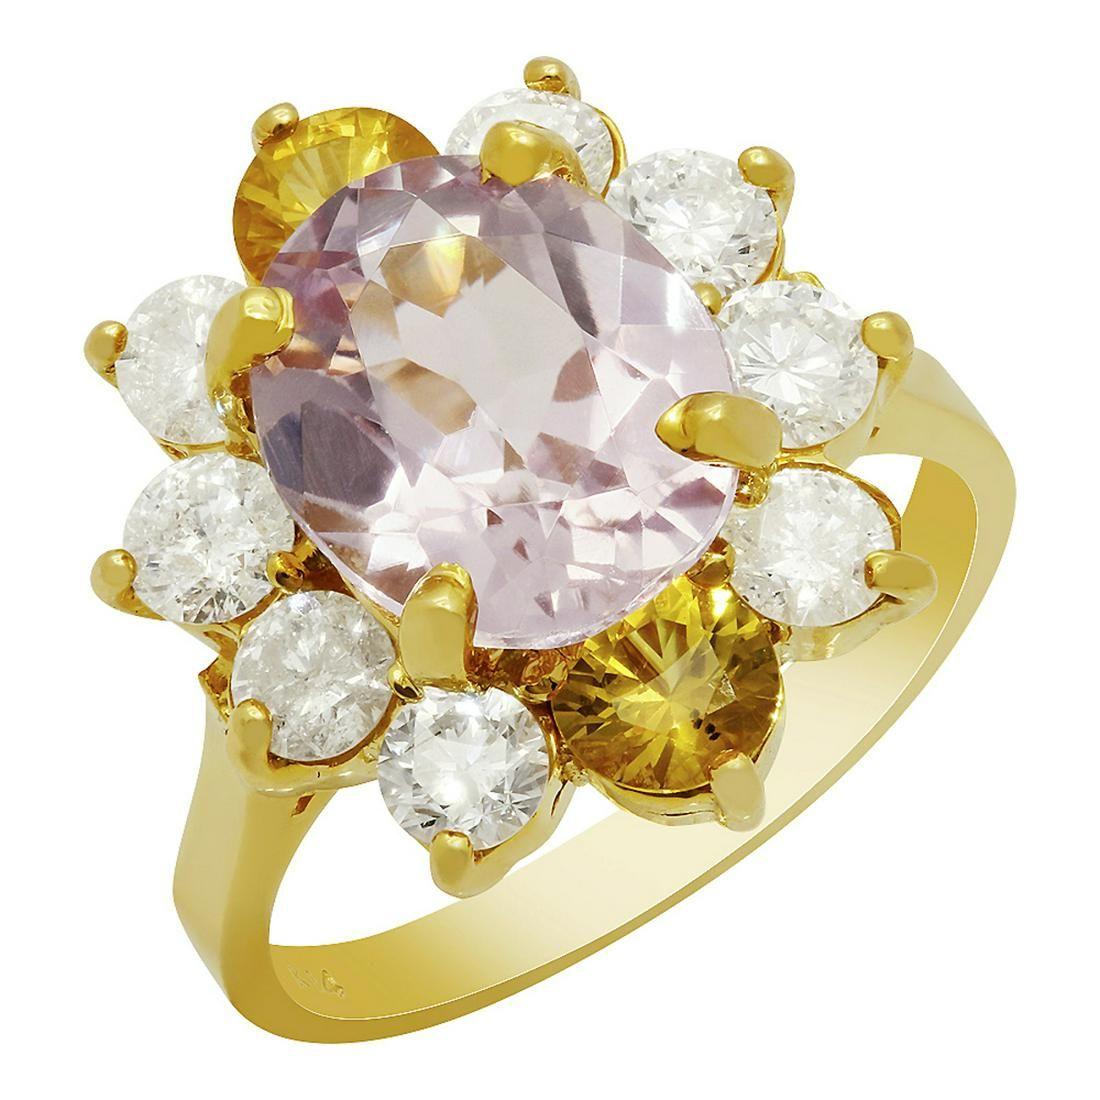 14k Yellow Gold 3.59ct Kunzite 0.98ct Yellow Sapphire